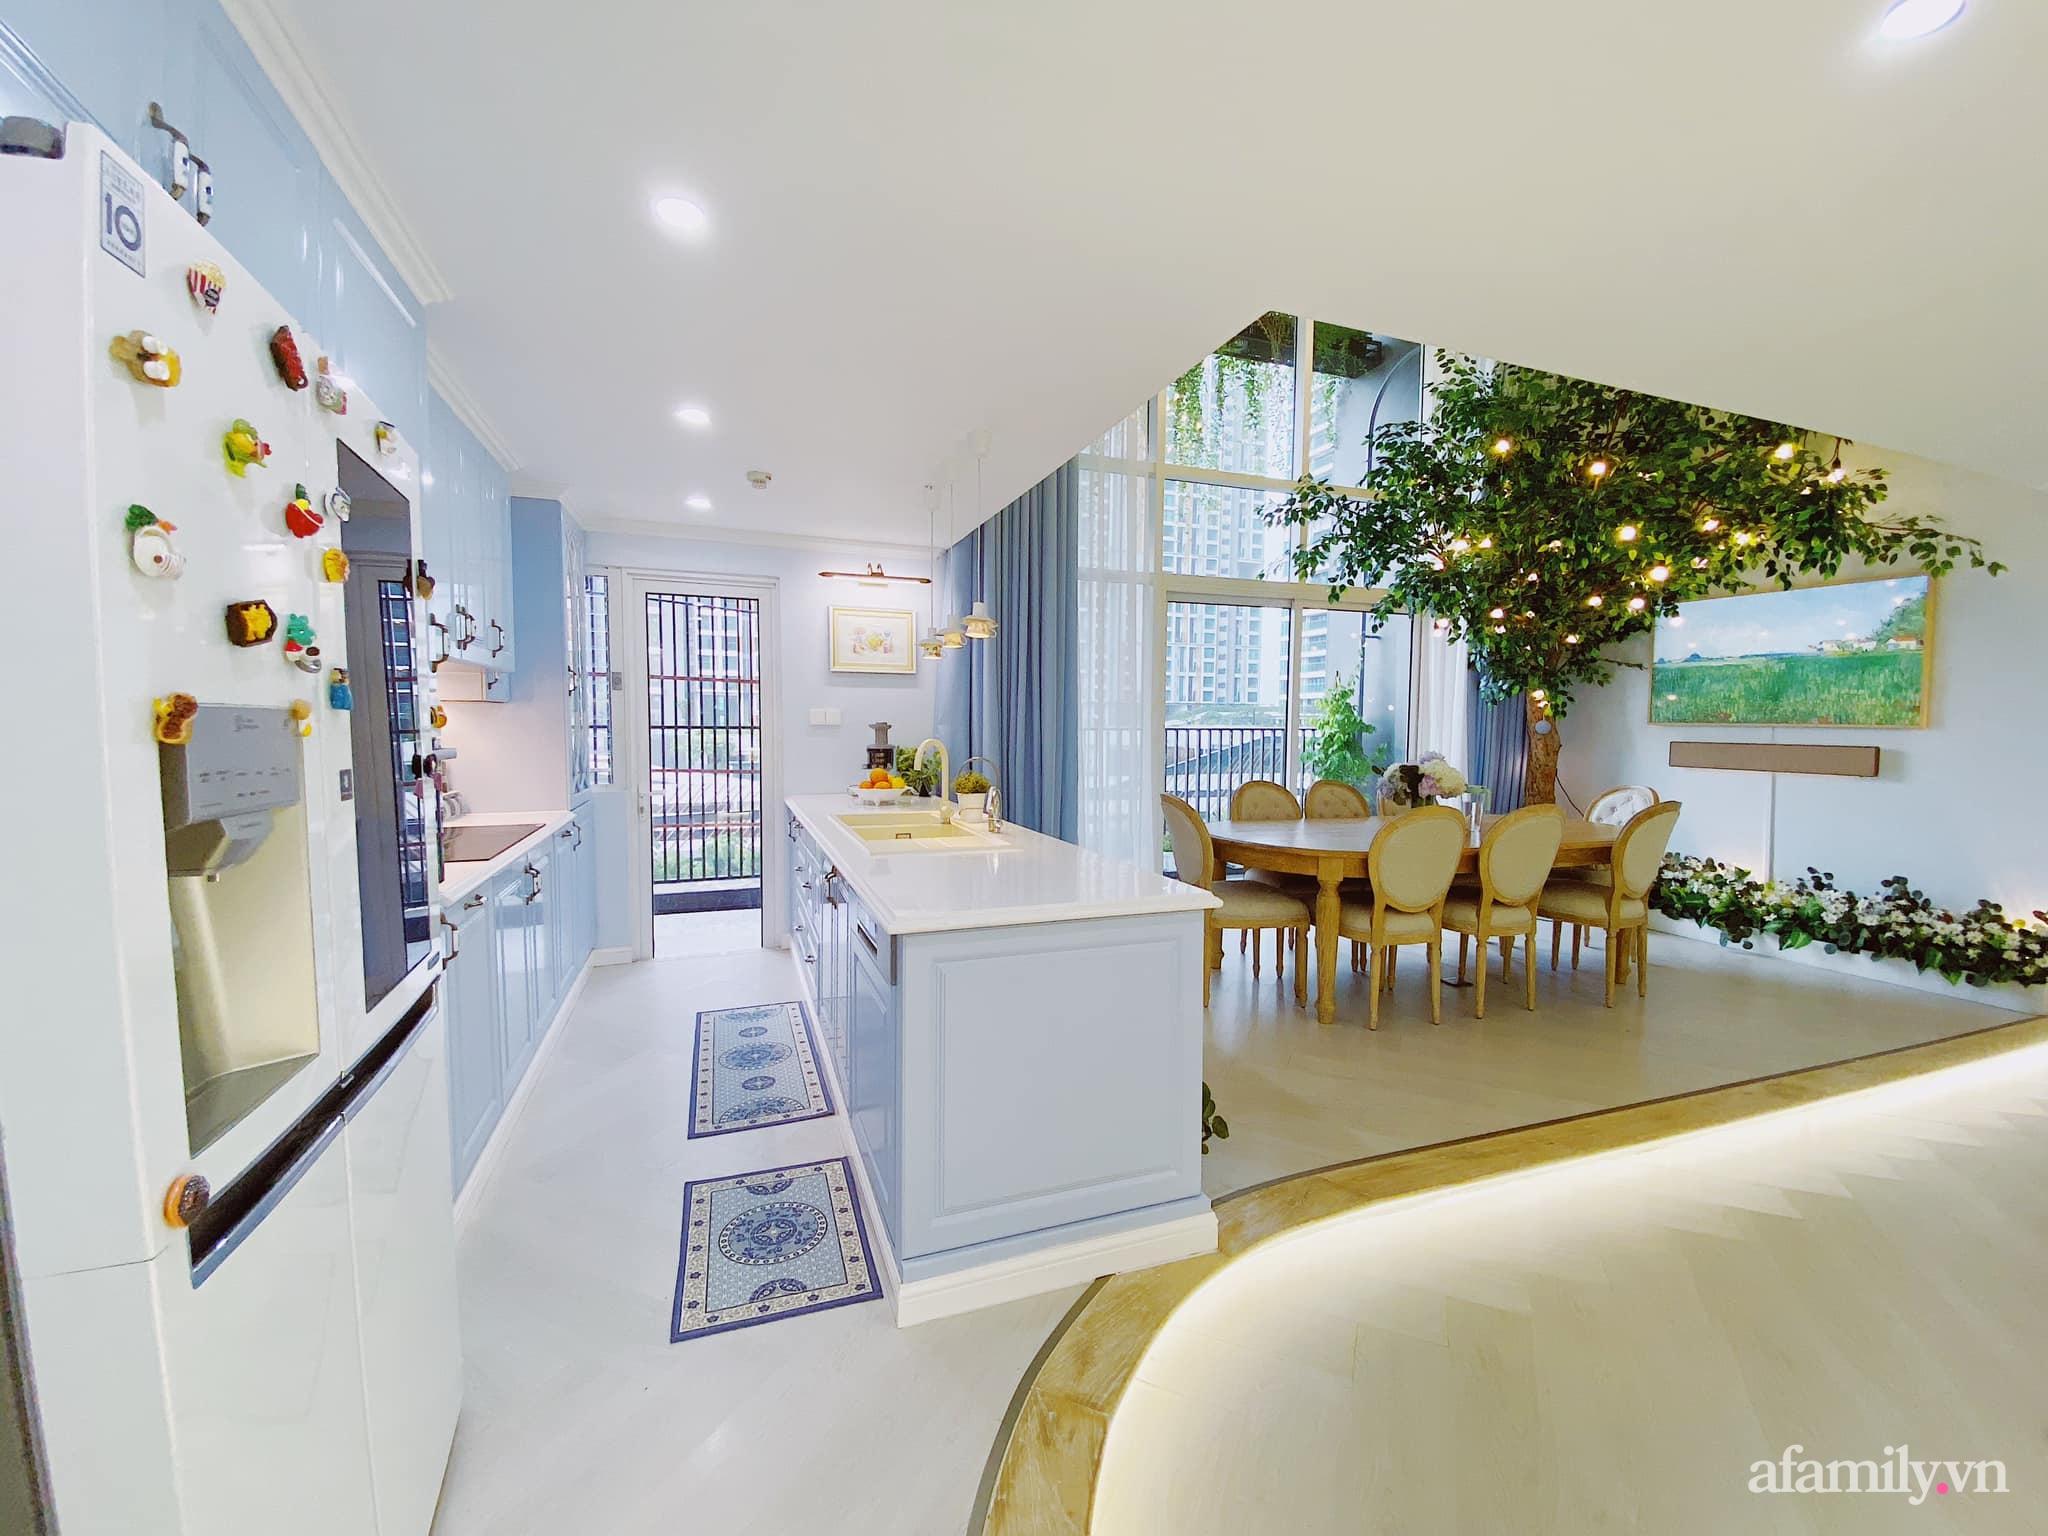 Căn bếp màu xanh yên bình, sang trọng với đủ thiết bị hiện đại của mẹ trẻ xinh đẹp Sài Thành - Ảnh 1.